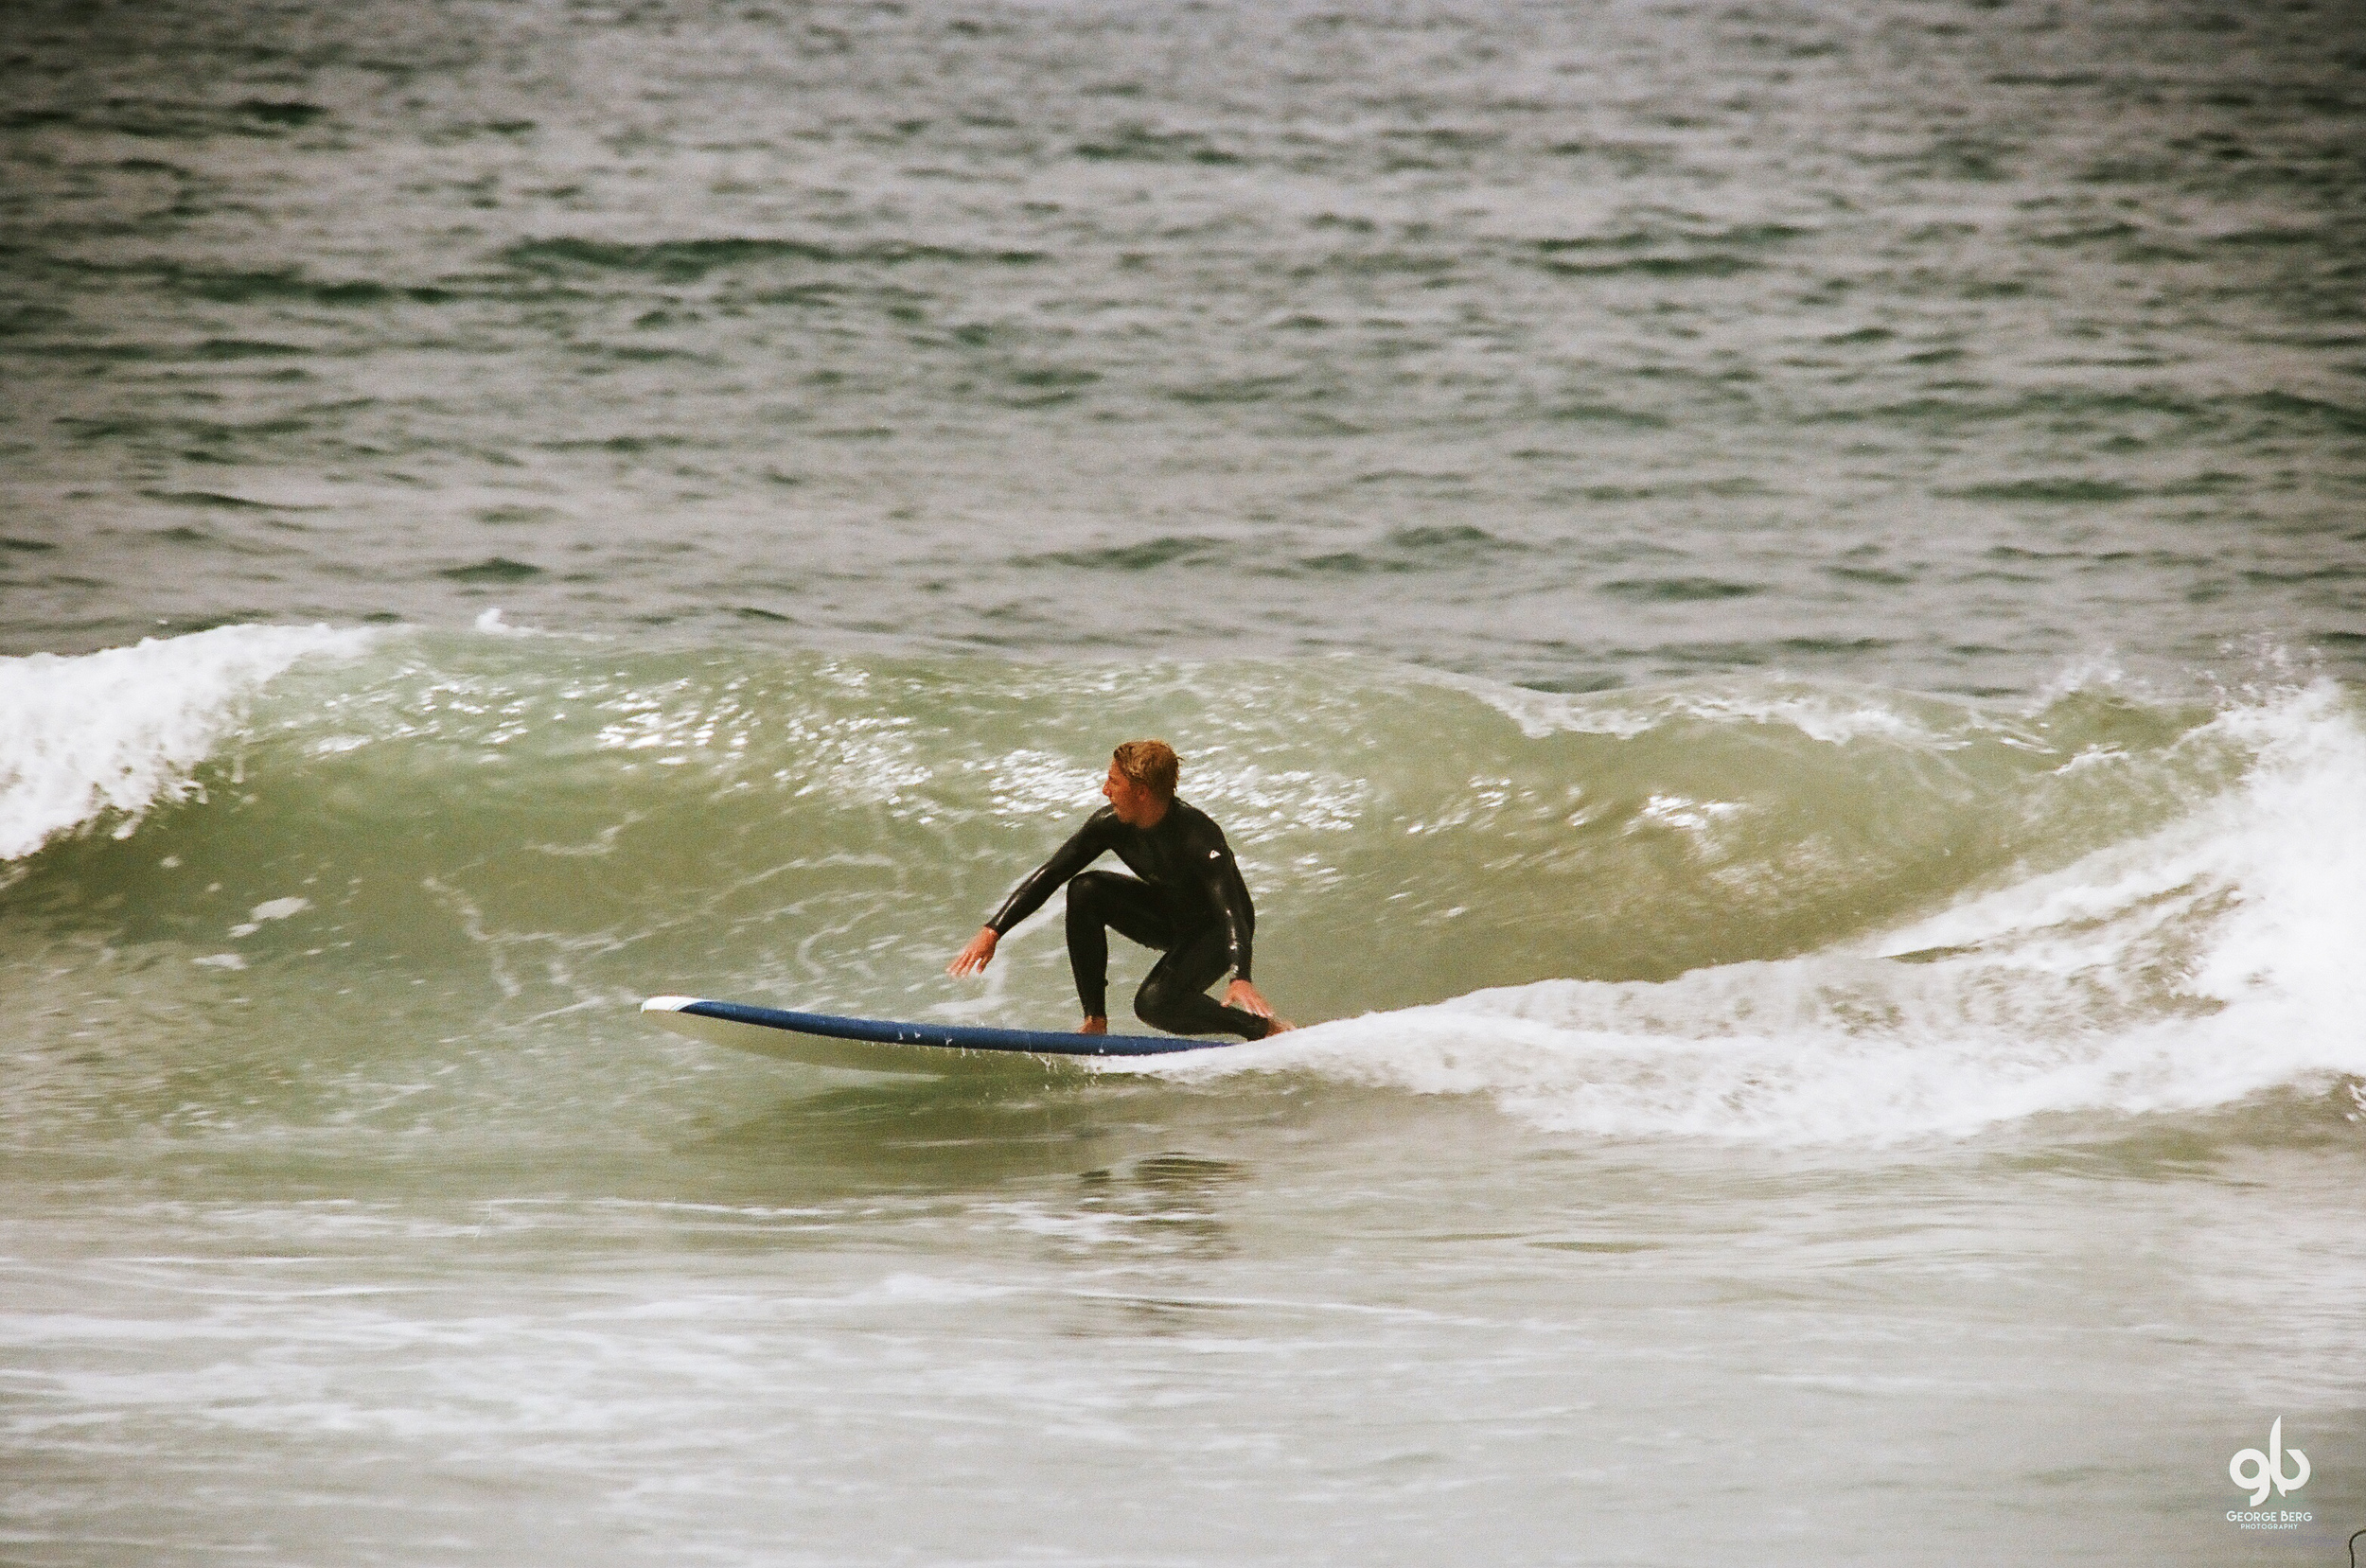 LongboarderSpeed01.jpg